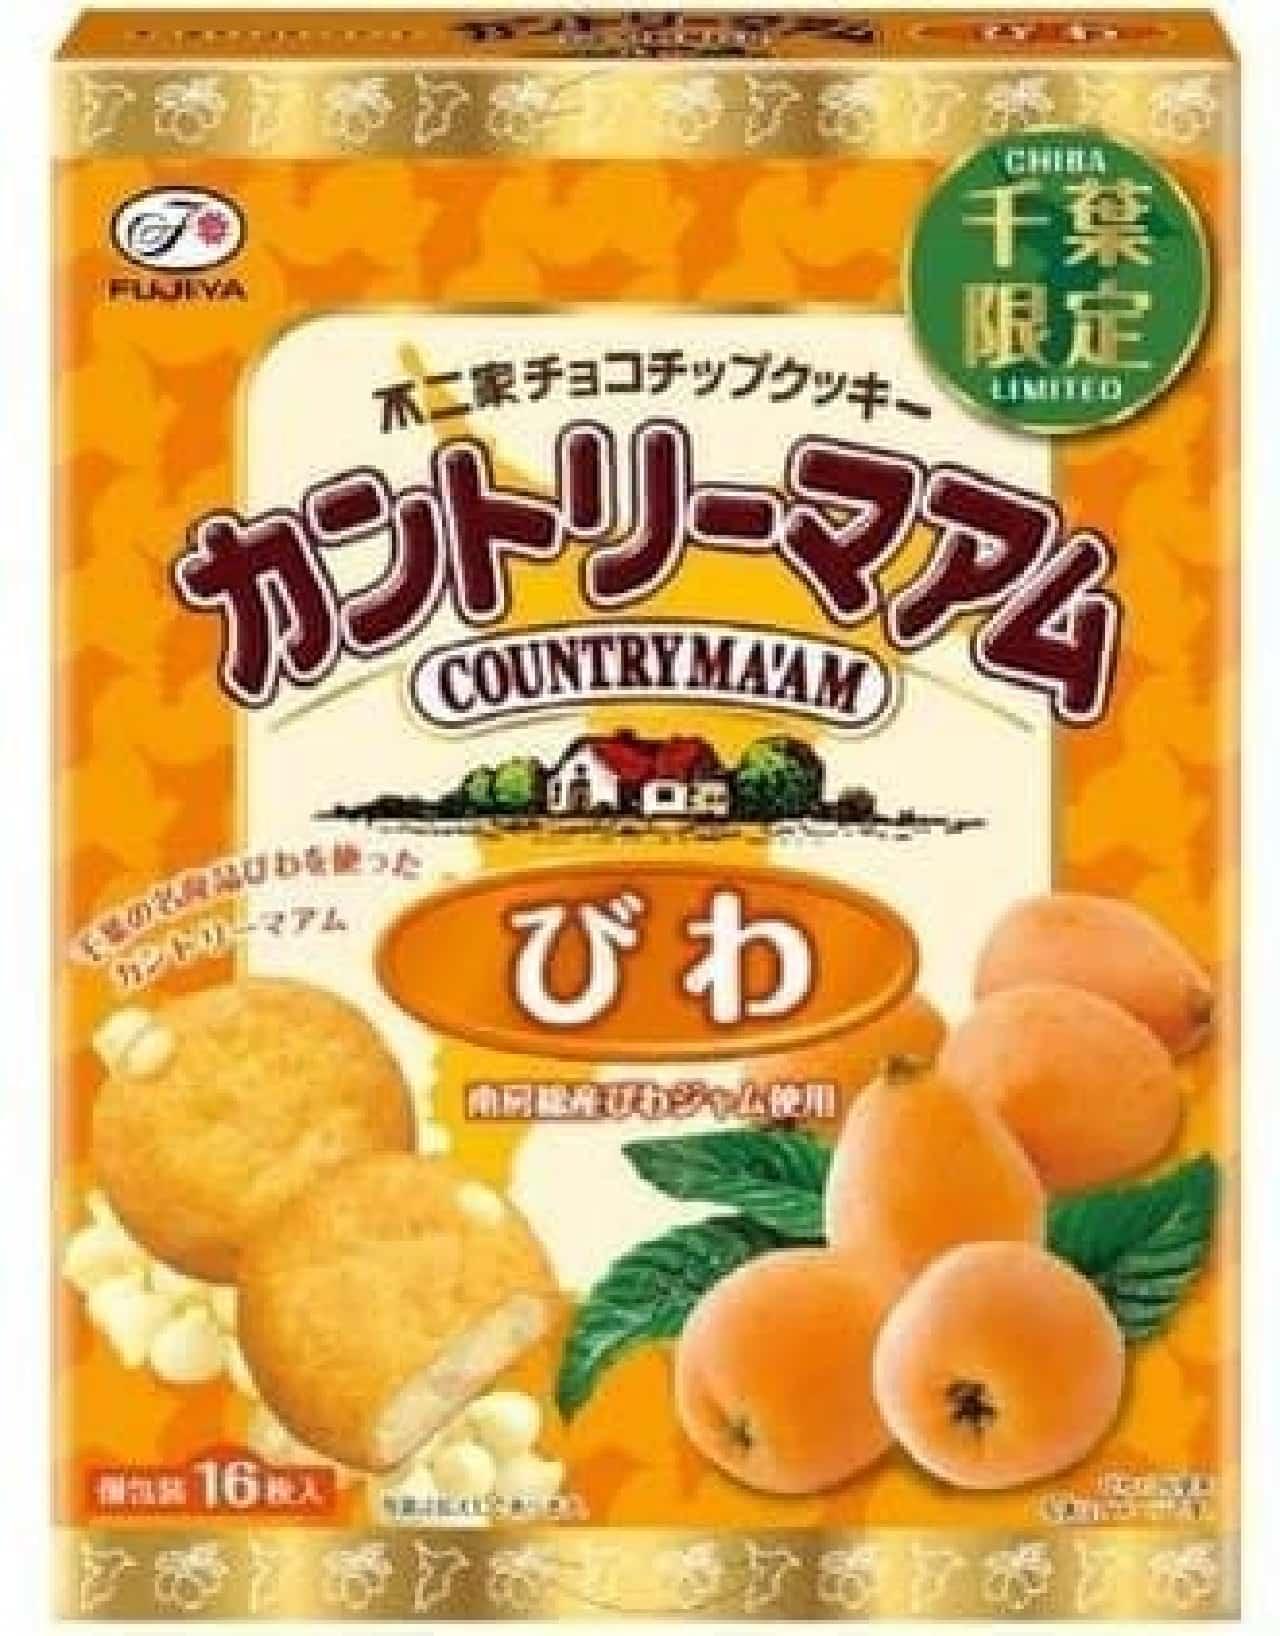 """千葉を代表する名産品""""びわ""""味のカントリーマアム!"""